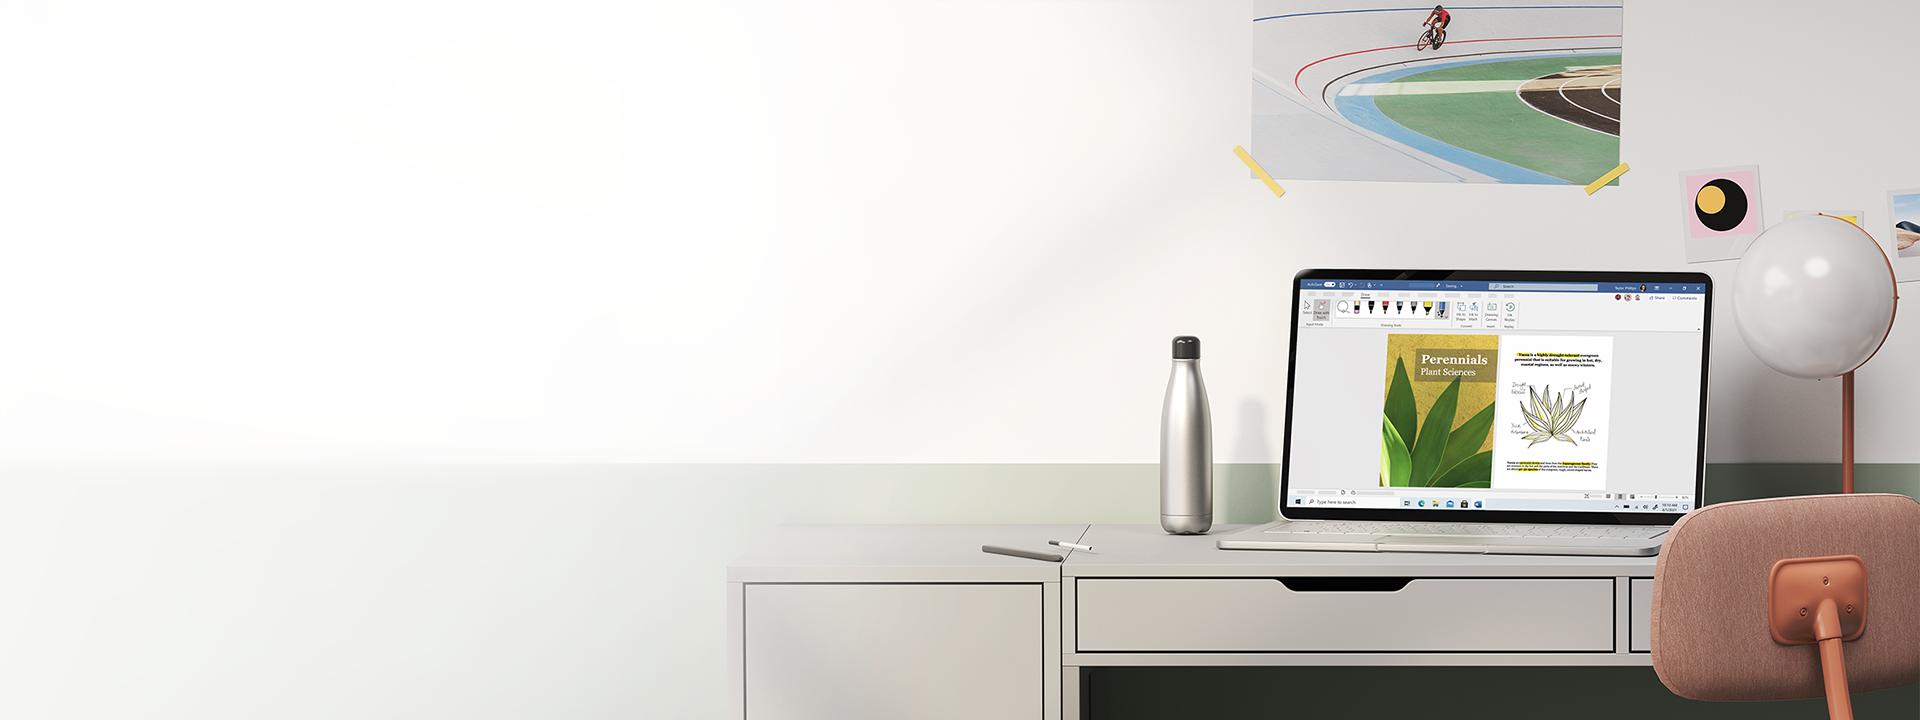 책상 위에 놓여 있는 Windows10 노트북